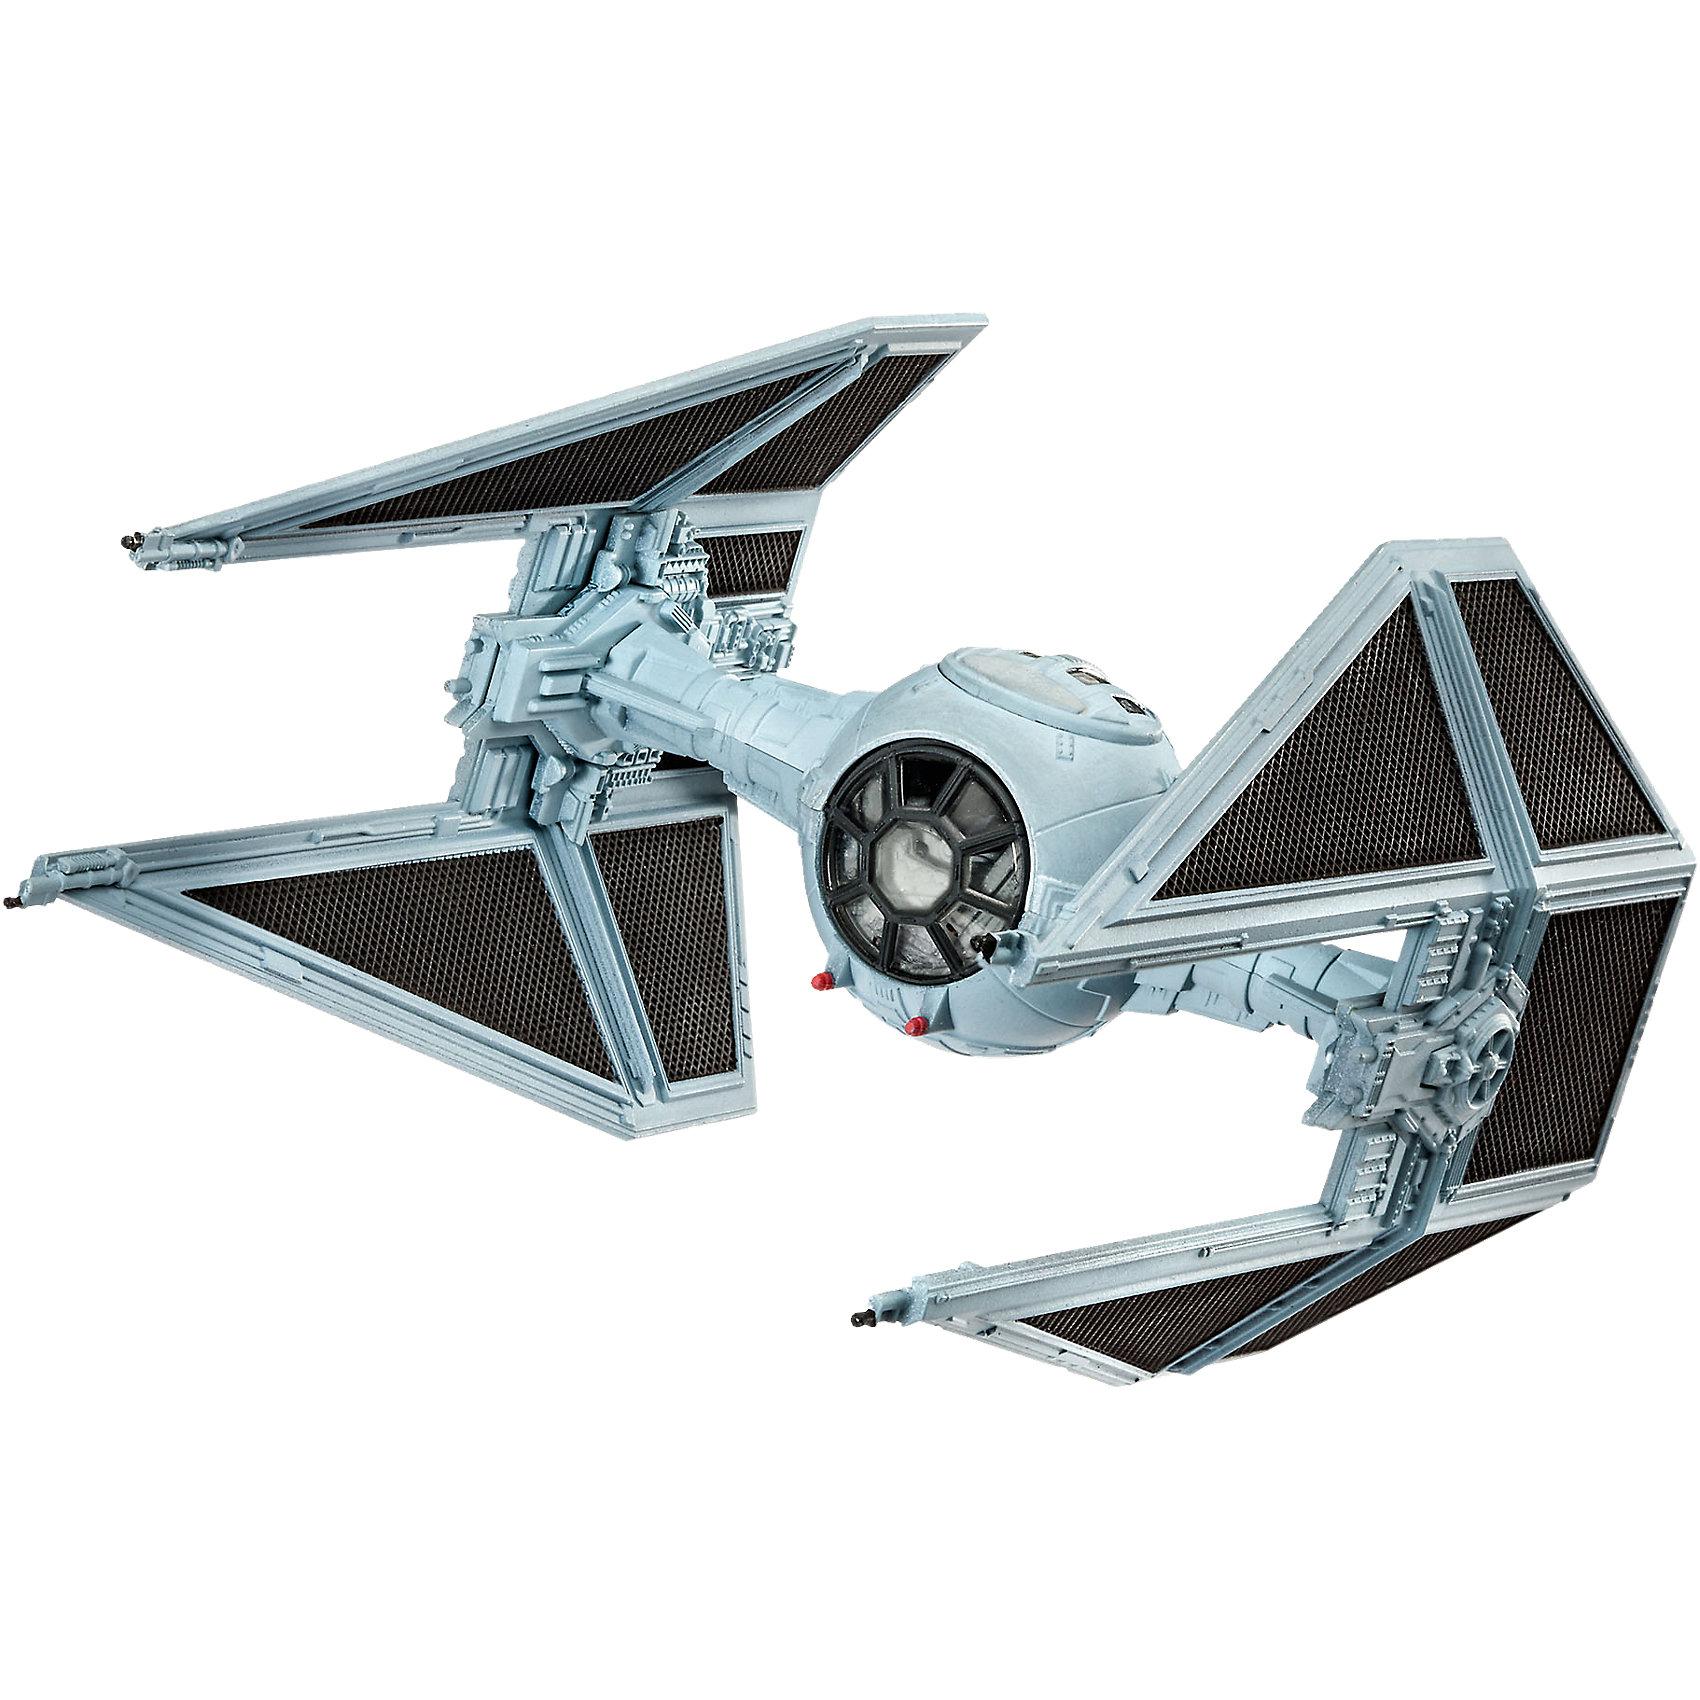 Сборная модель Звездные войны «СИД Перехватчик» (1:90)Звездные войны Игры и Пазлы<br>Сборная модель Звездные войны «СИД Перехватчик», является точной копией истребителя из фильма Звездные войны. Серый круглый корпус самолета имеет очень интересный дизайн и хорошо детализирован. Корпус имеет черные вставки. Большие острые крылья космического корабля придают истребителю величия. Круглая вместительная кабина открывается сверху и вмещает одного пилота. Собирая данную модель, юный конструктор очутиться в мире фантастических приключений космоса. Готовый истребитель сможет украсить стол или книжную полку ребенка.   <br>Модель истребителя выполнена в масштабе 1:90.  <br>Количество элементов: 21. Размер модели в собранном виде: 10 х 7,8 см.  <br>Сборная модель продается в красочной коробке из плотного картона.  <br>Рекомендуемый возраст: от 10 лет.<br><br>Ширина мм: 247<br>Глубина мм: 159<br>Высота мм: 39<br>Вес г: 120<br>Возраст от месяцев: 120<br>Возраст до месяцев: 192<br>Пол: Мужской<br>Возраст: Детский<br>SKU: 4161714